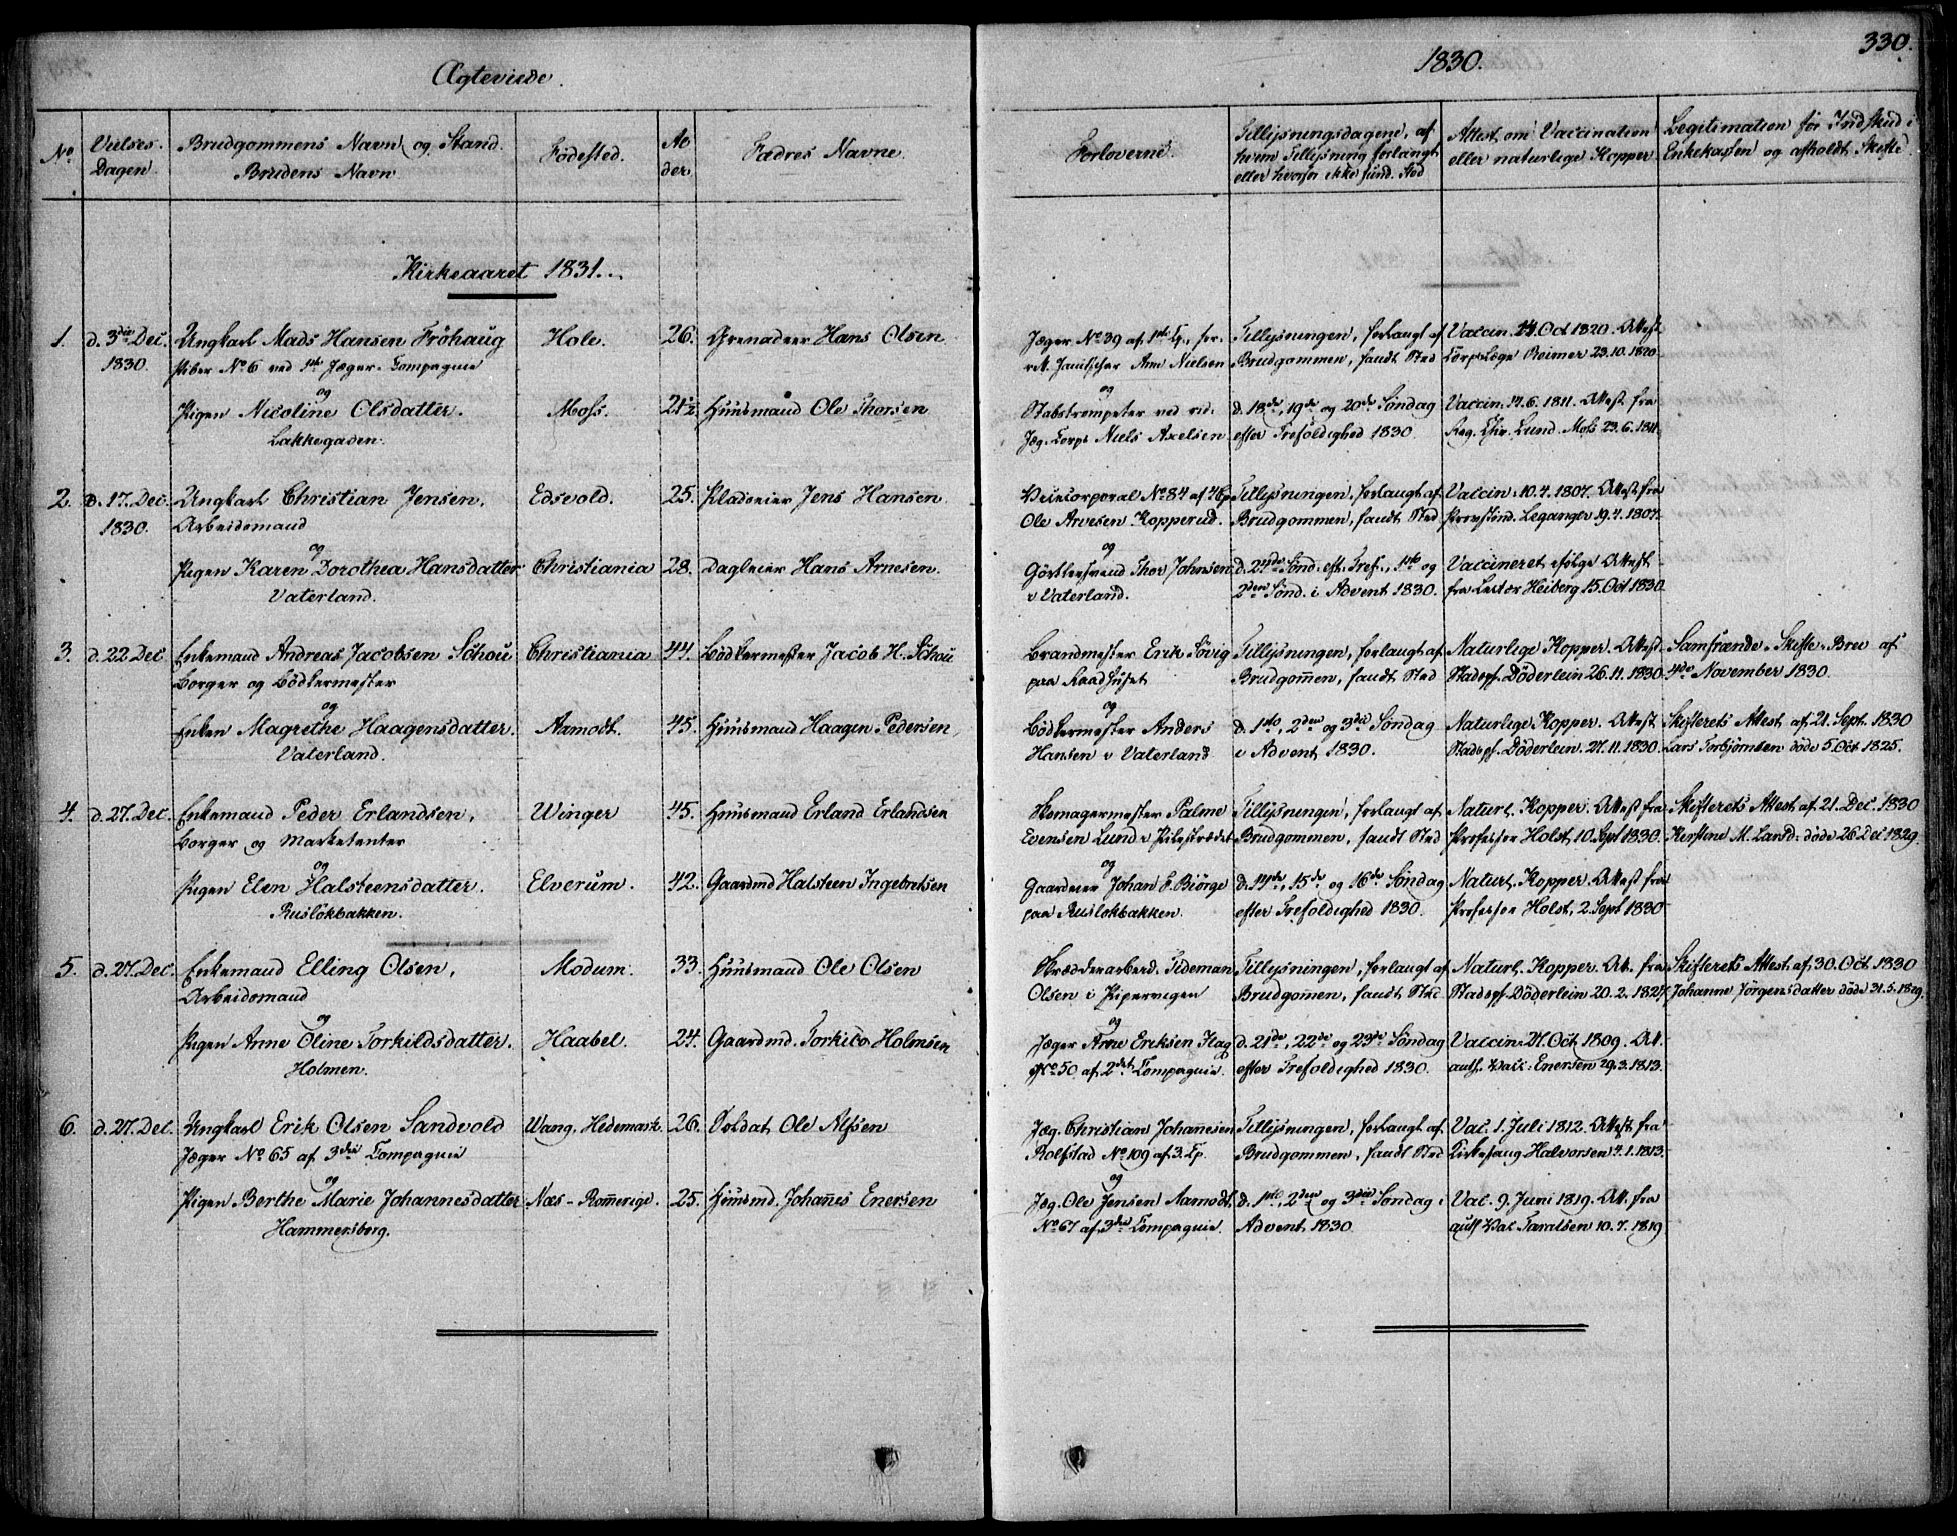 SAO, Garnisonsmenigheten Kirkebøker, F/Fa/L0006: Ministerialbok nr. 6, 1828-1841, s. 330